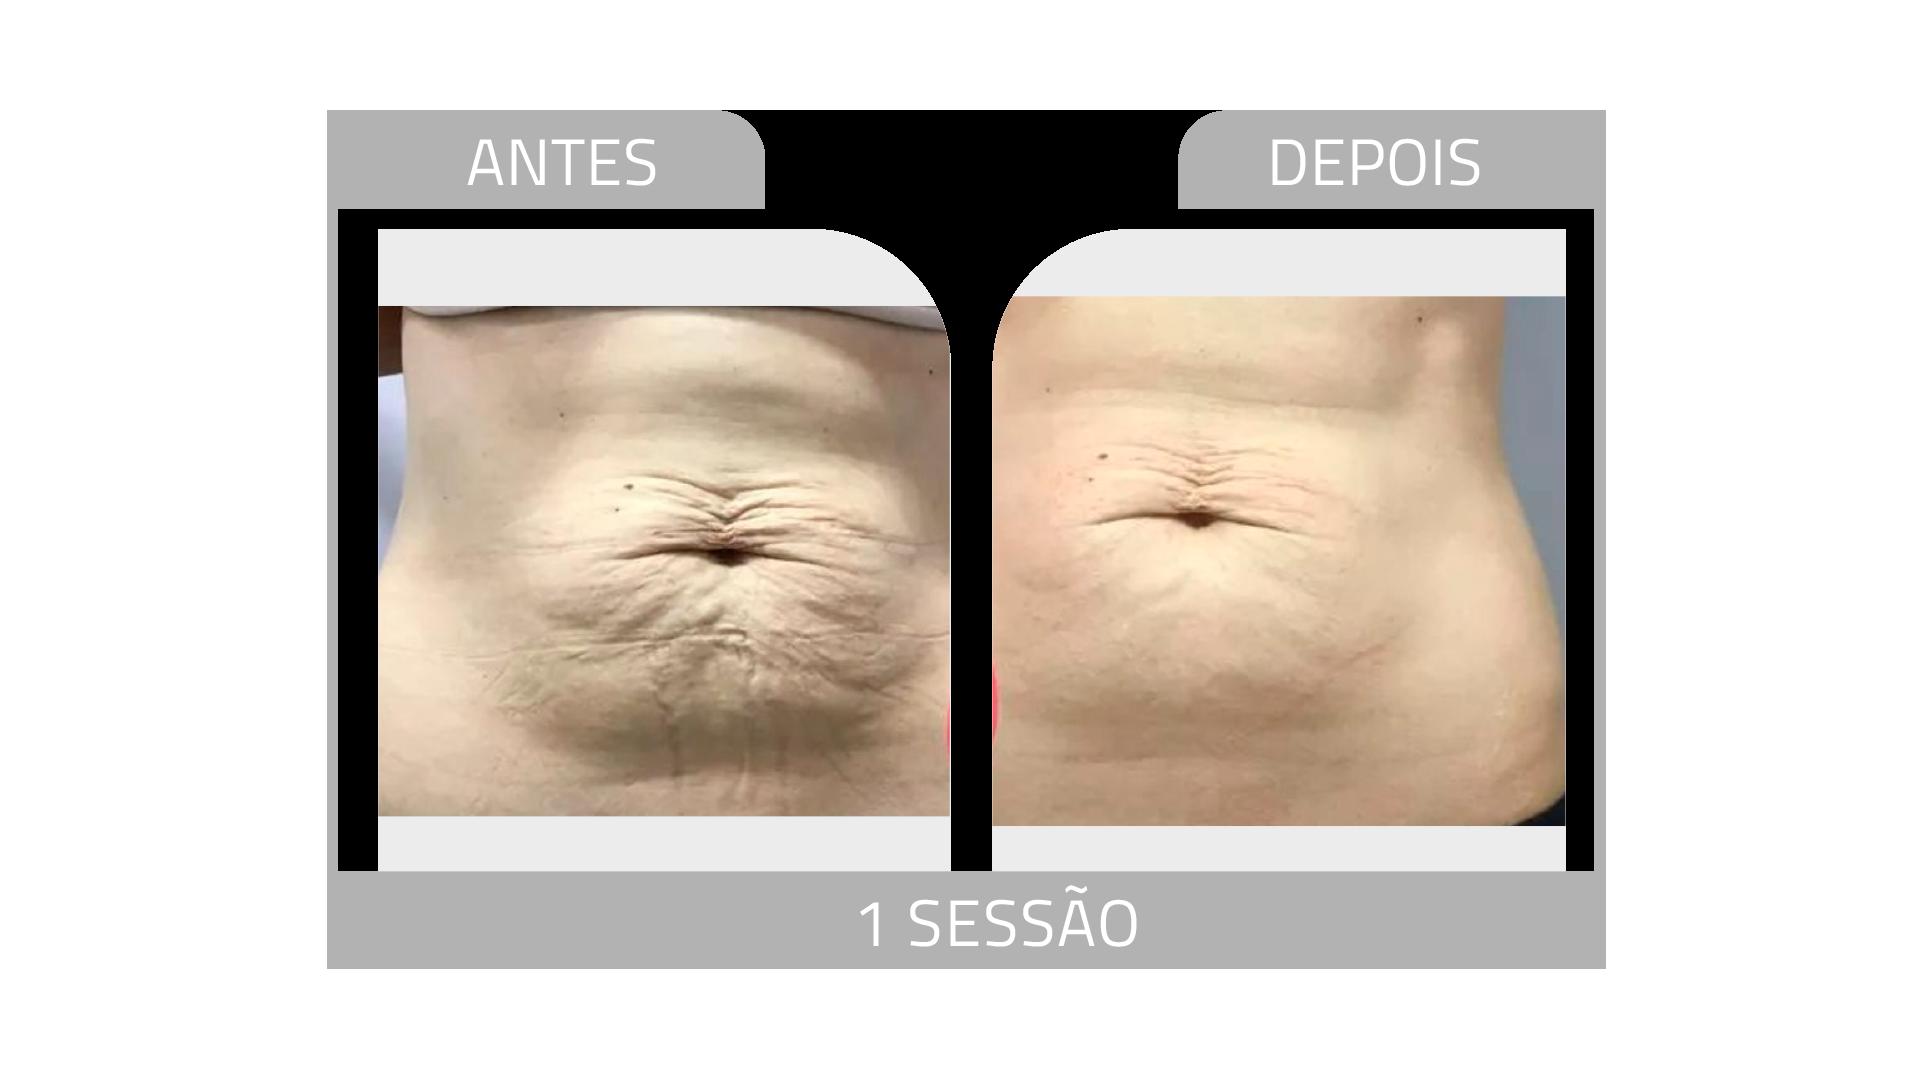 ANTES E DEPOIS STRIORT 16.png